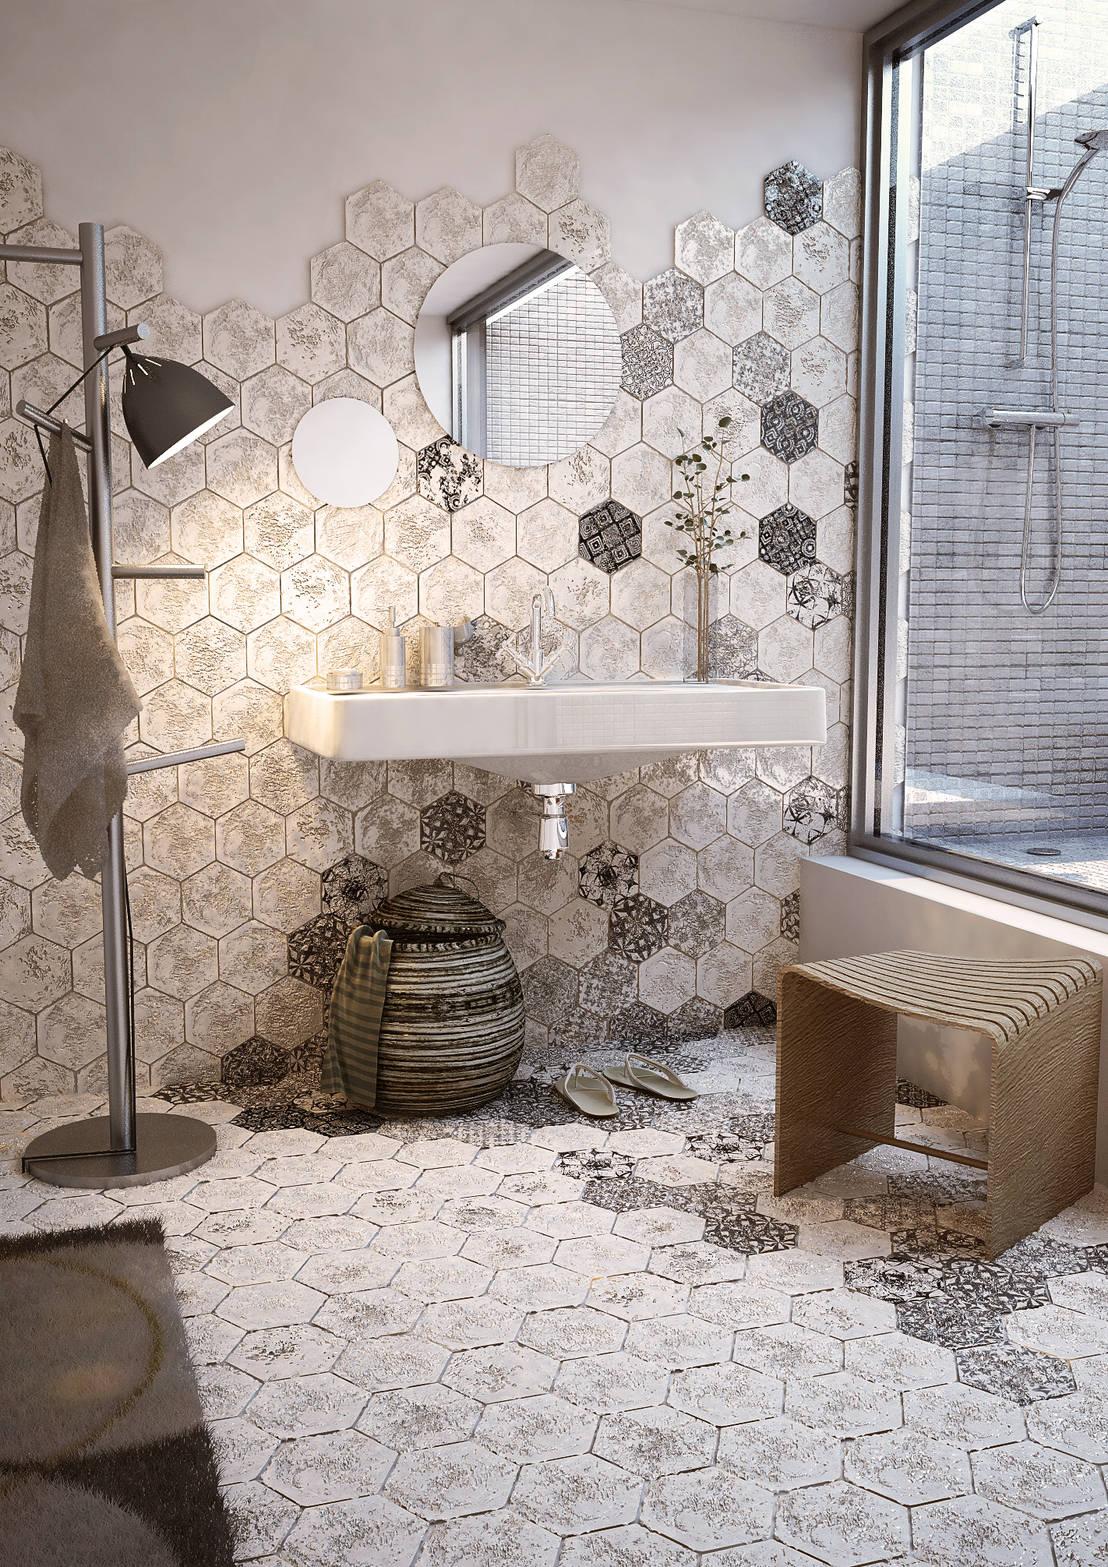 Cotto artistico fatto a mano bianco di l 39 arte del cotto for Bagno cementine